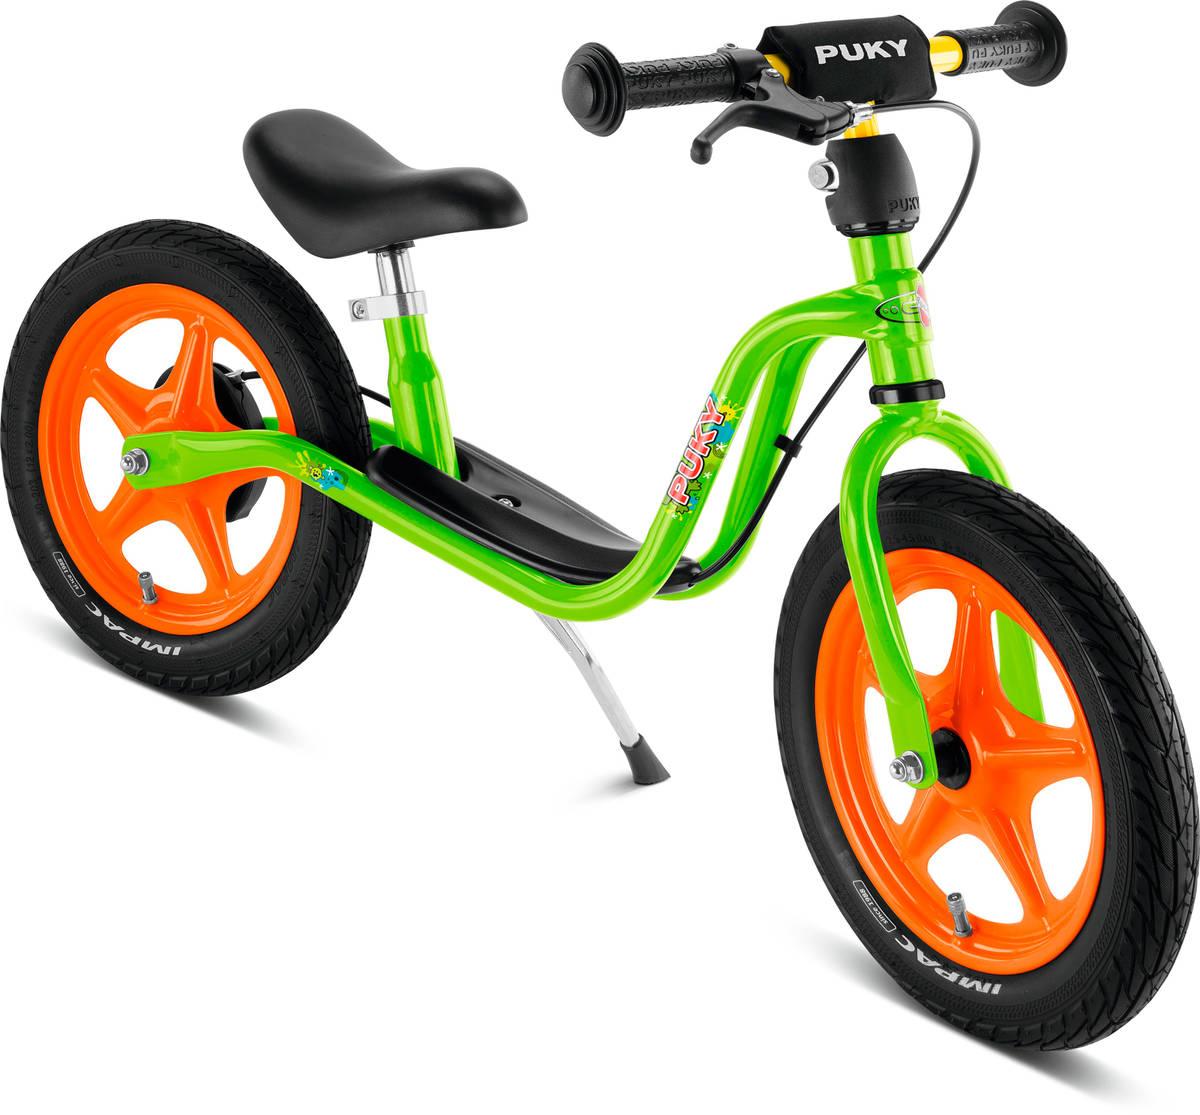 Vihreä-oranssi (4031) - Potkupyörät - 401573104111 - 1